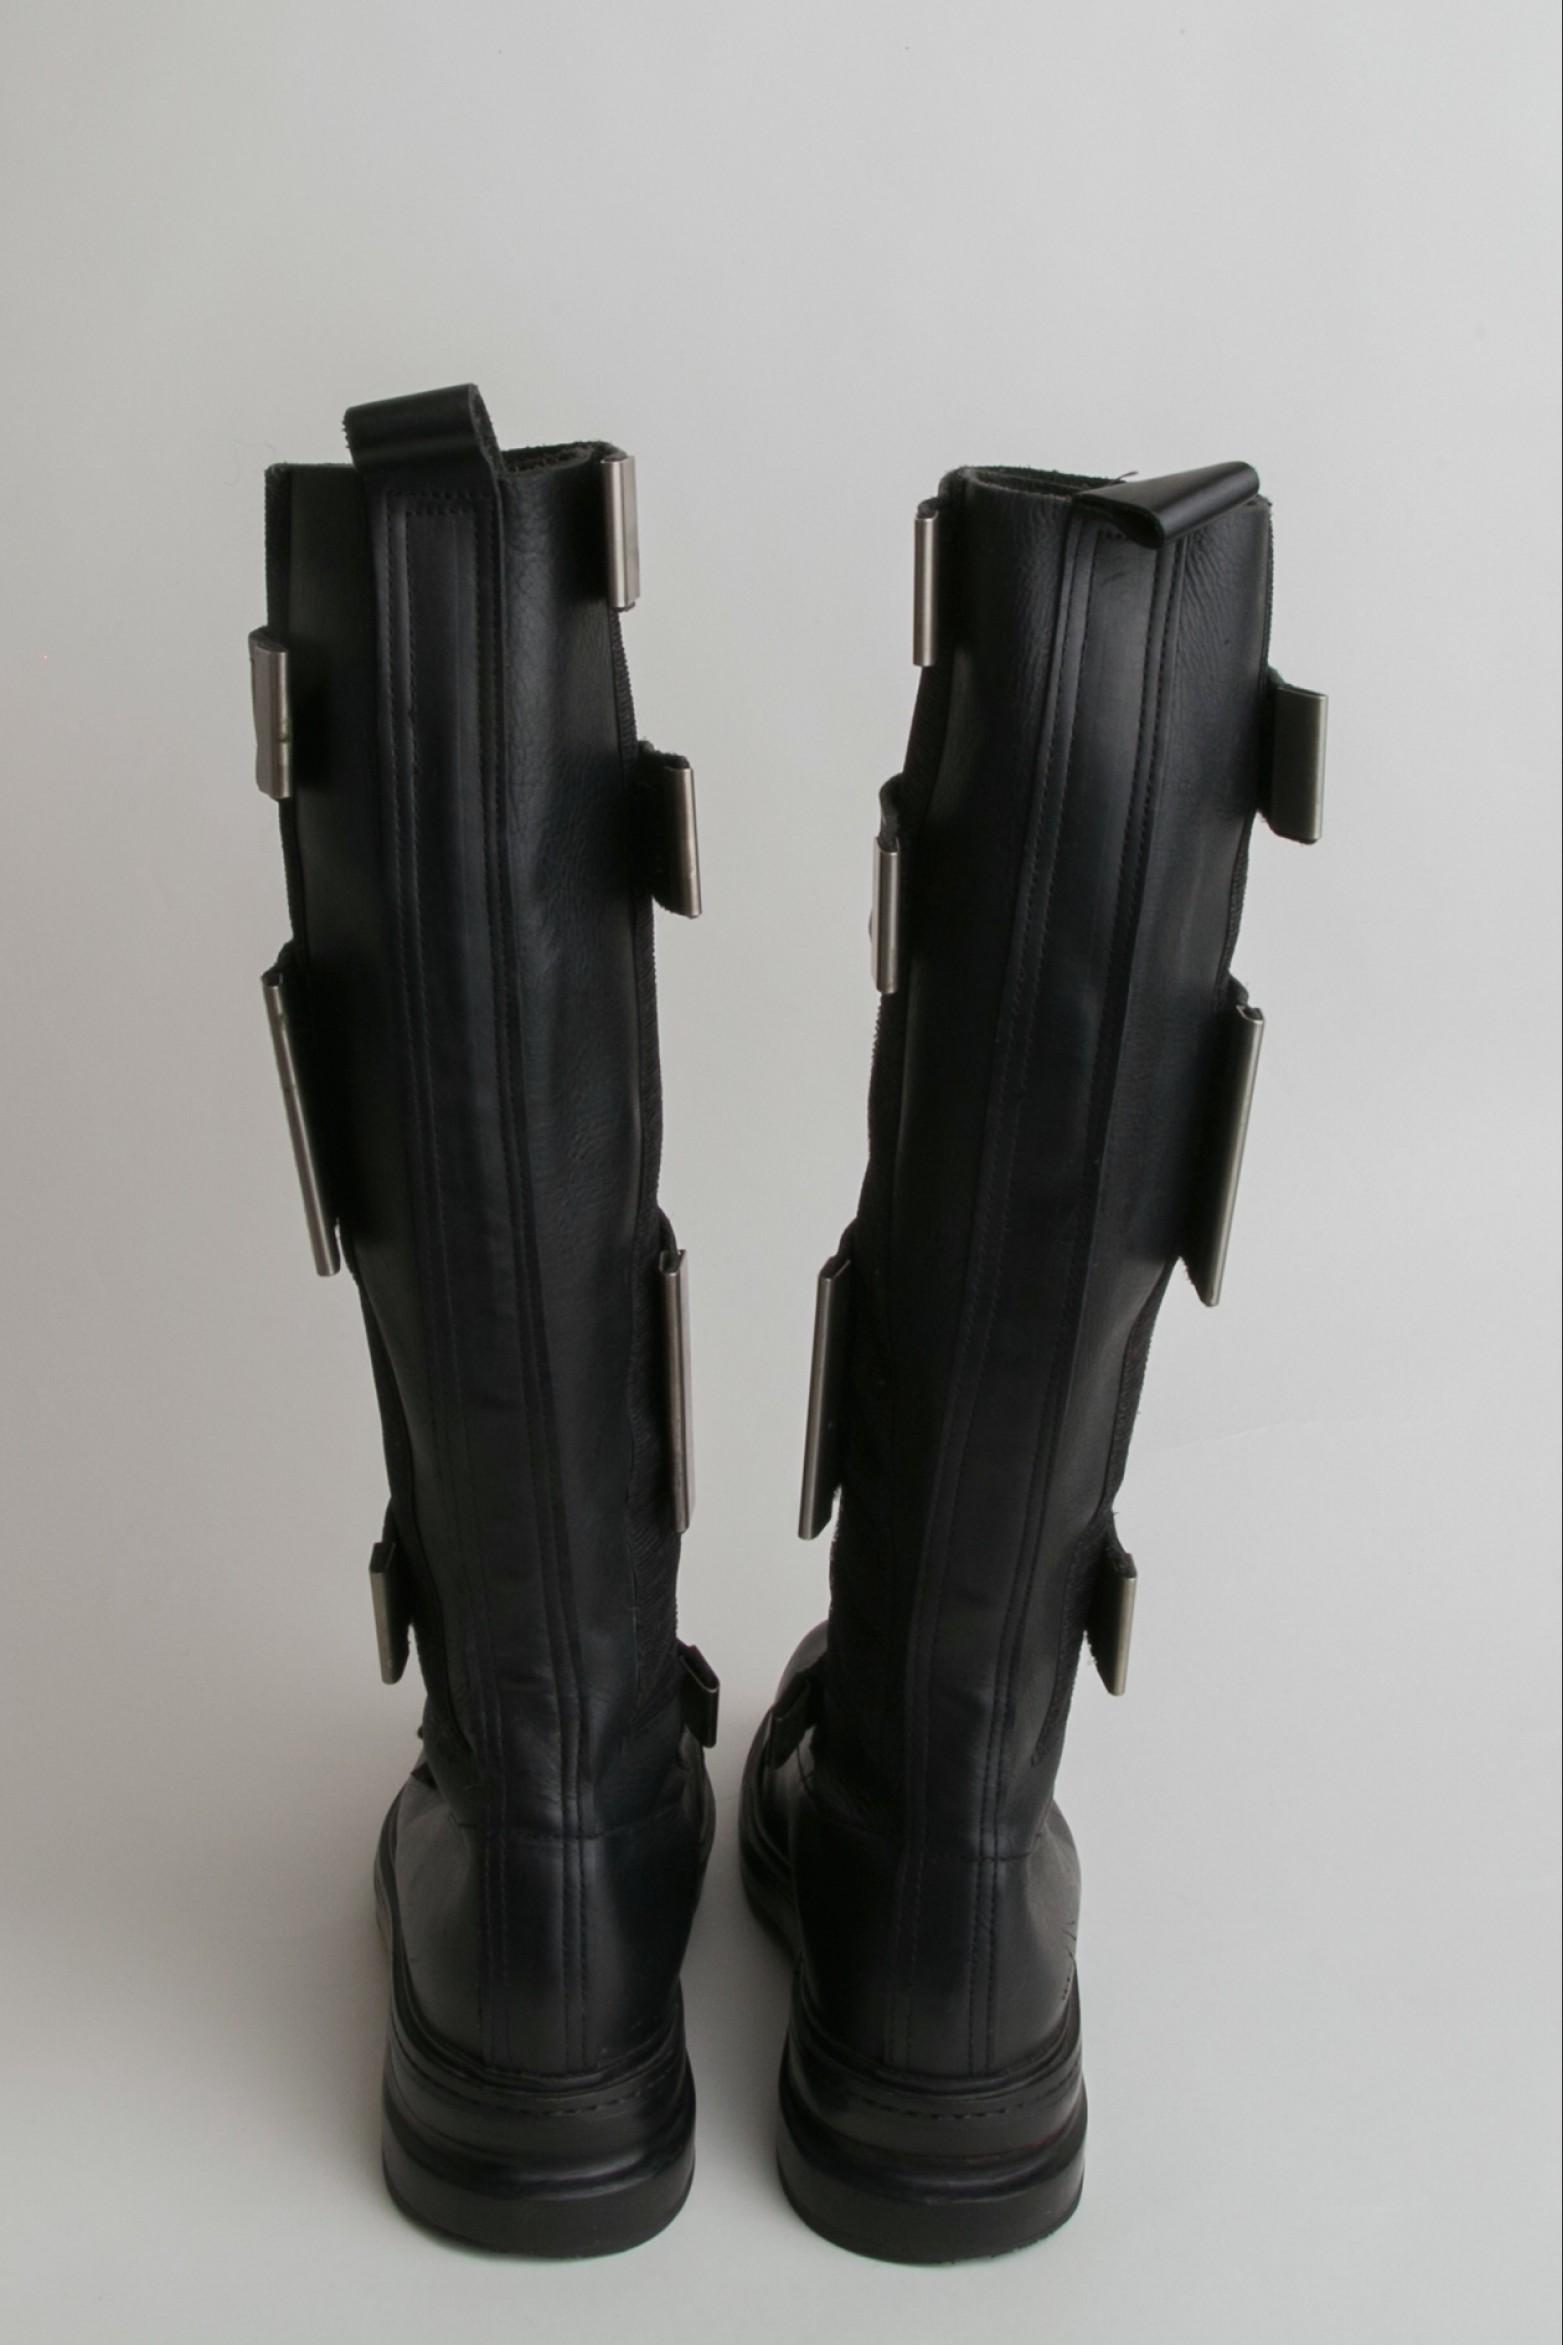 Vintage Dirk Bikkembergs Combat Boots